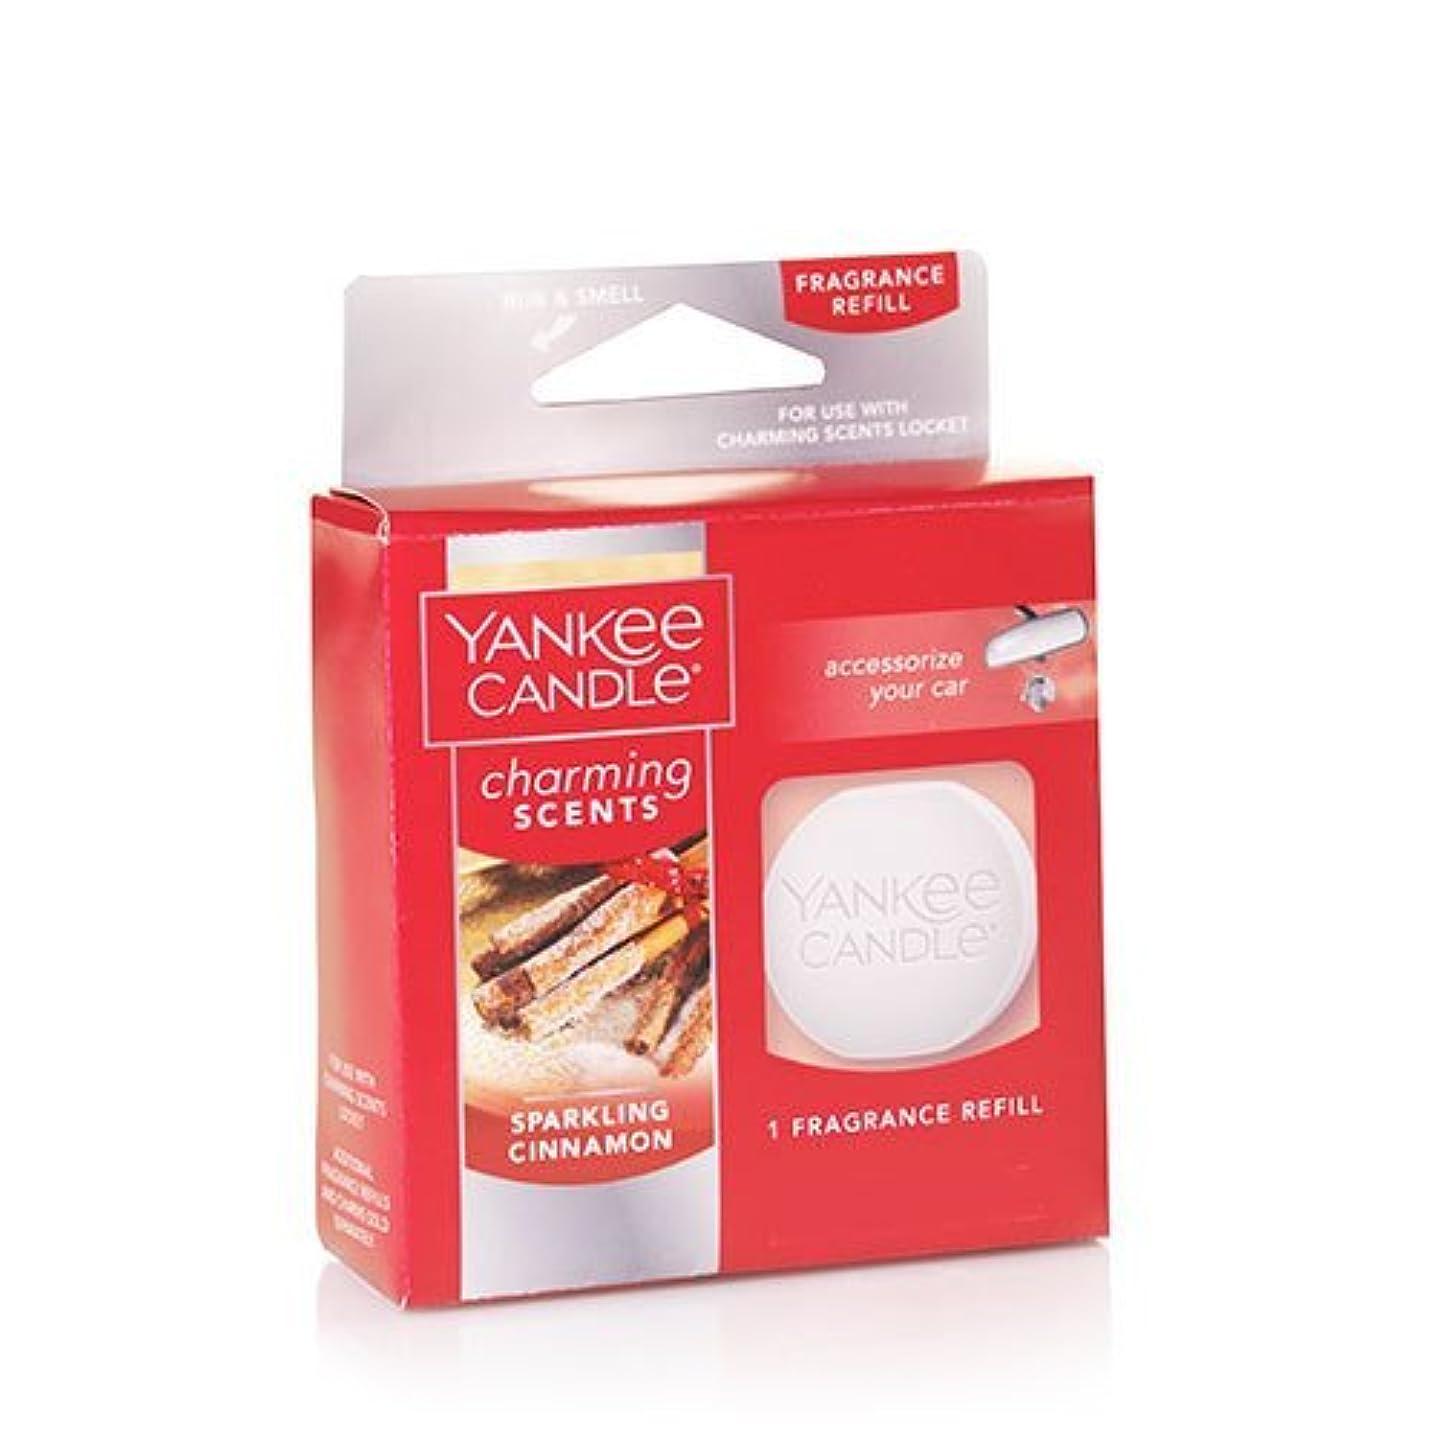 別の可能性どこにでもYankee Candle SparklingシナモンCharming Scents Fragrance Refill, Festive香り